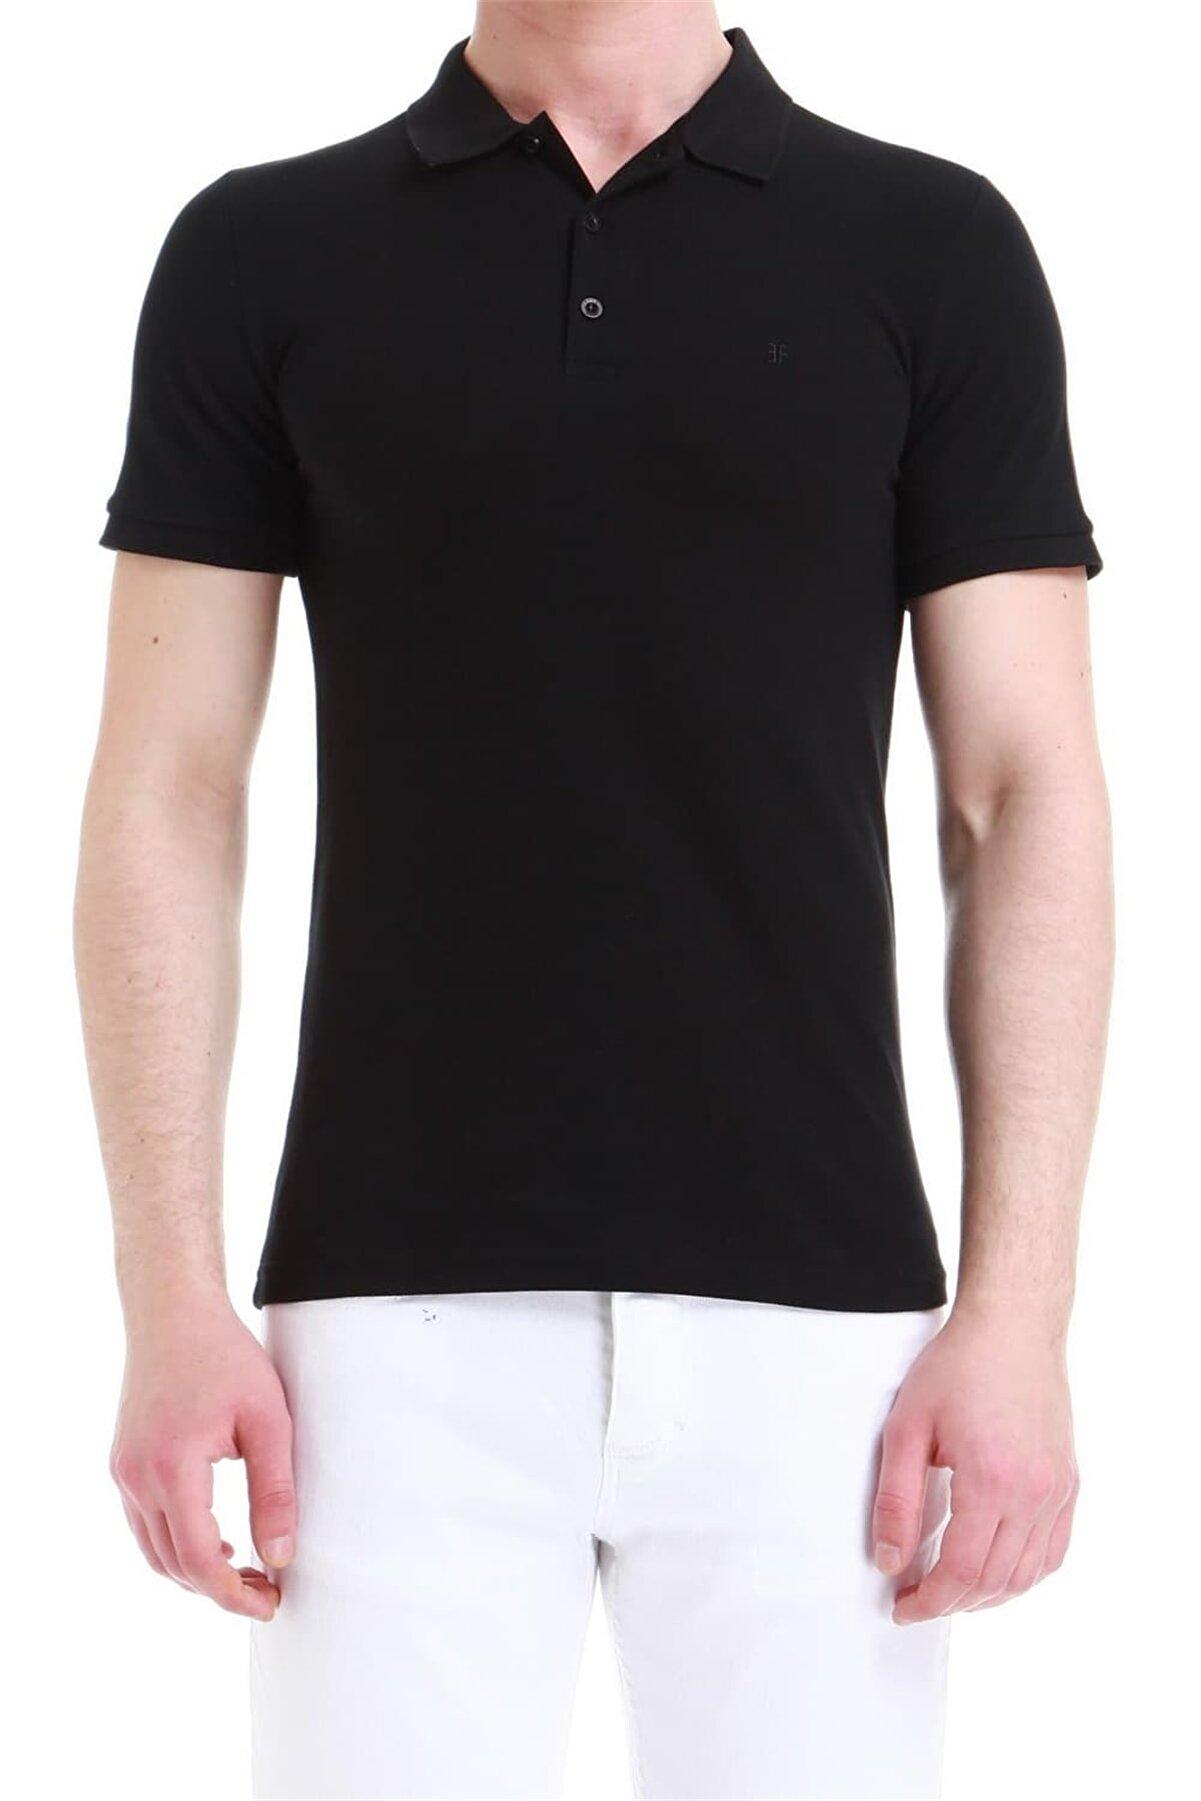 Efor Siyah Slim Fit Spor T-shirt